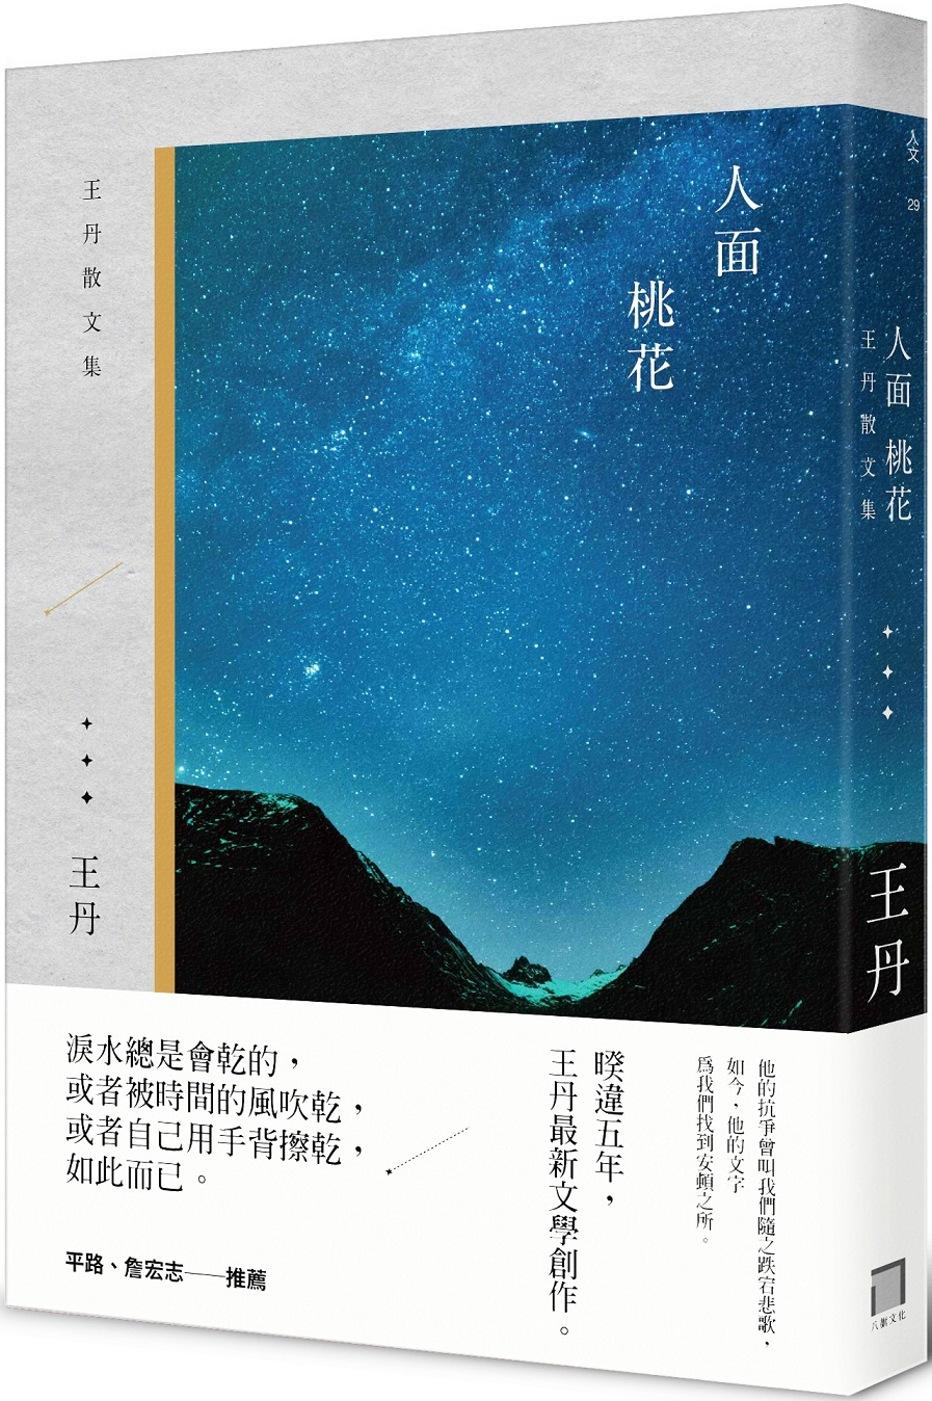 人面桃花:王丹散文集